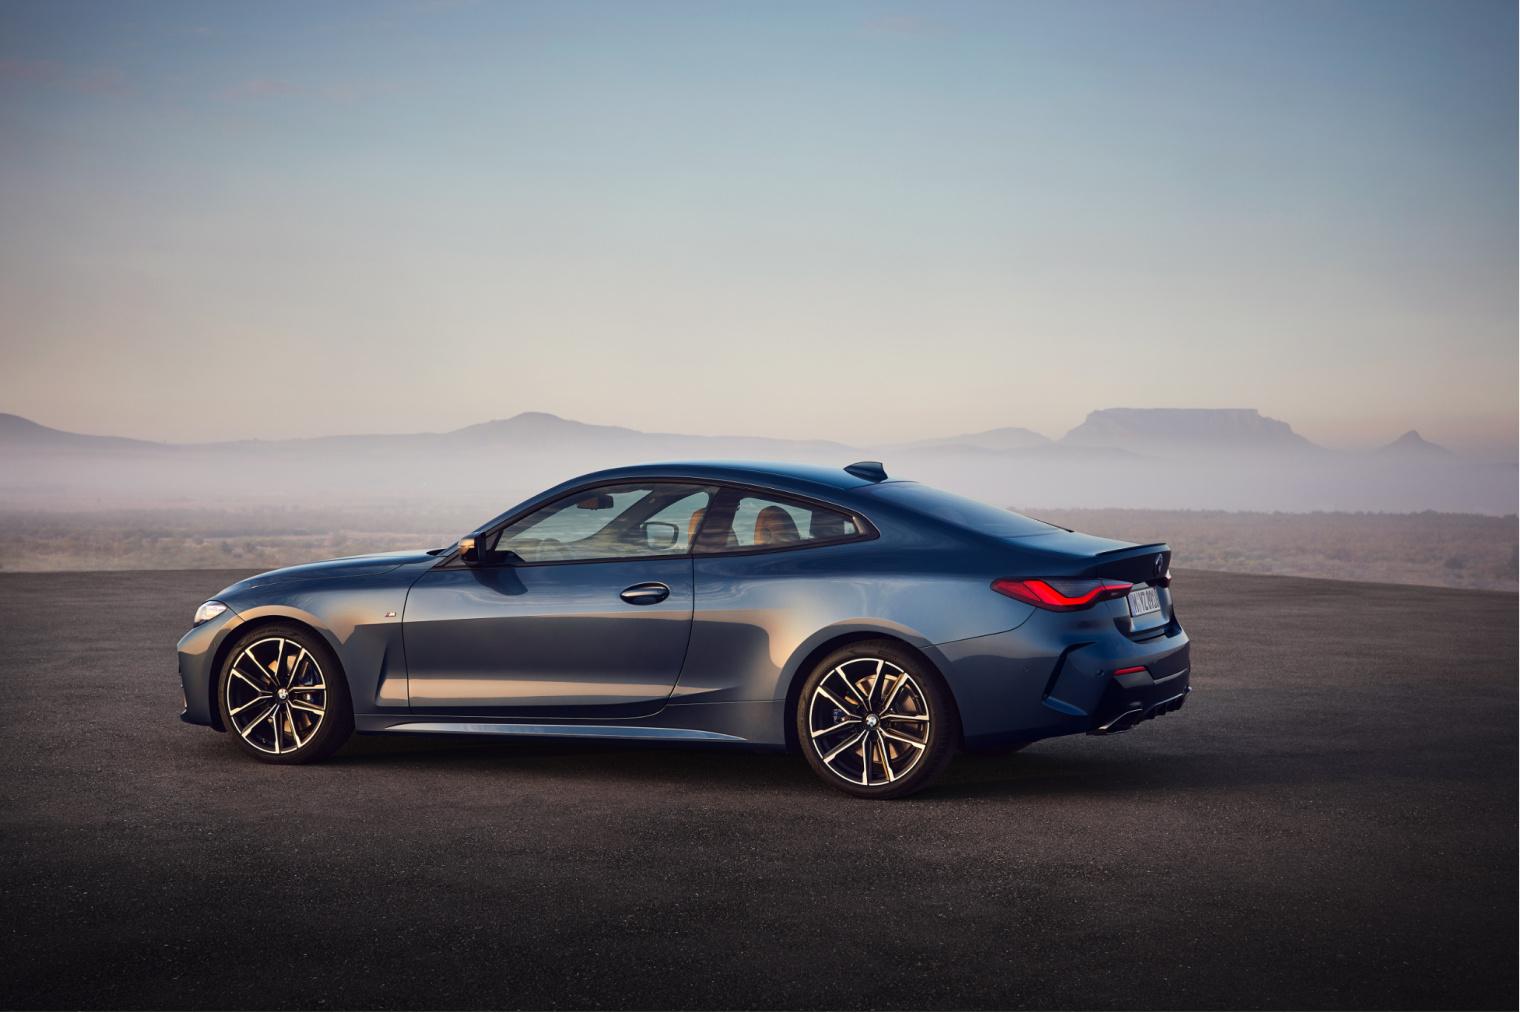 Esterni nuova BMW Serie 4 Coupé